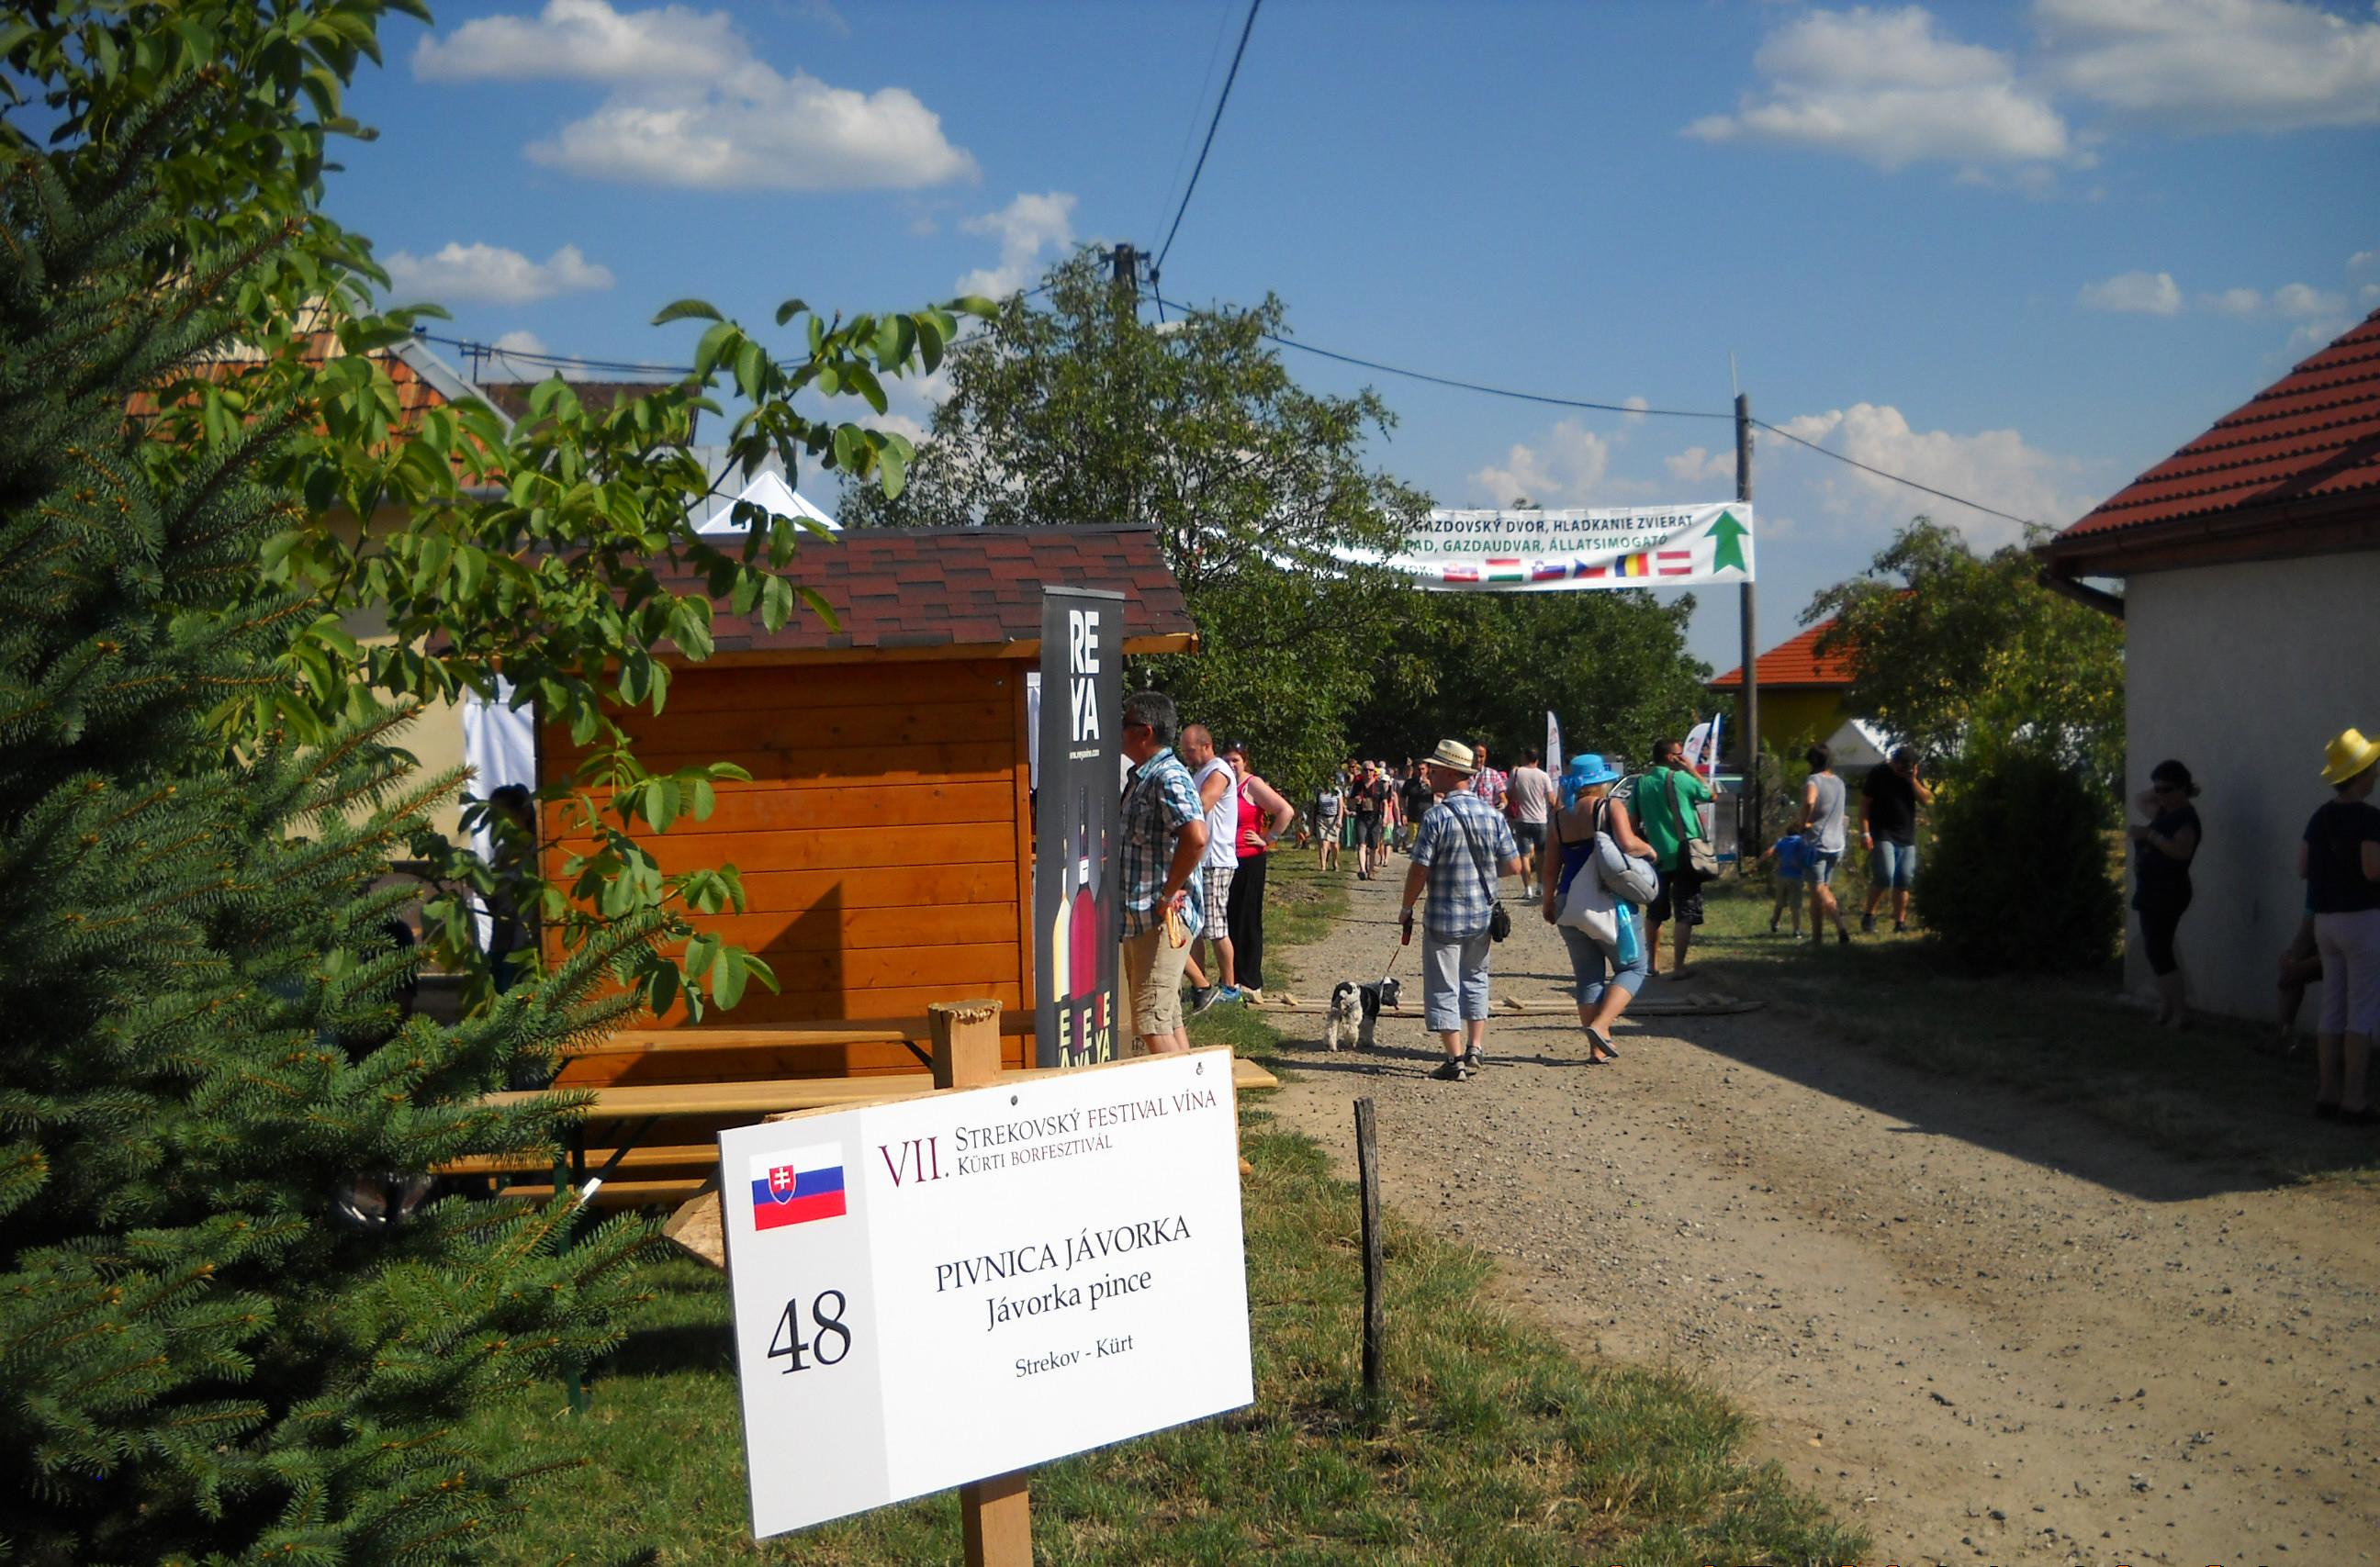 Strekovský festival vína - stánky